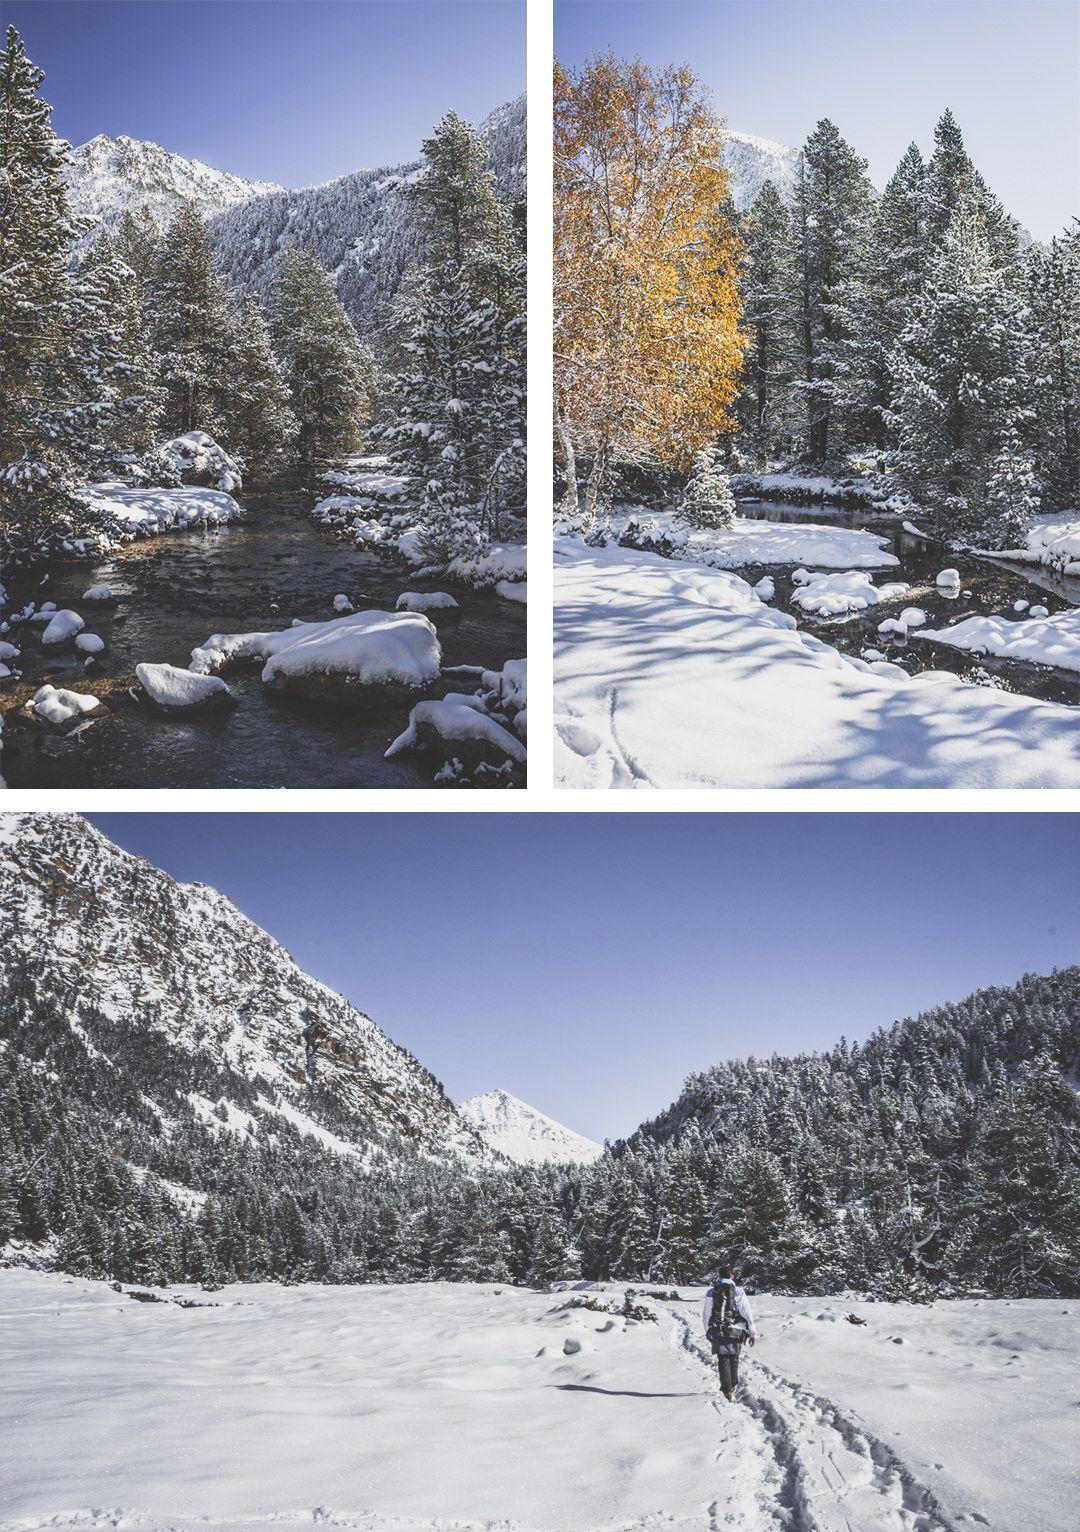 Espagne • Catalogne • Pyrénées • Randonnées au Parc Nacional d'Aigüestortes i Estany de Sant Maurici • Randonnée côté Boì et le plannel d'aiguestortes